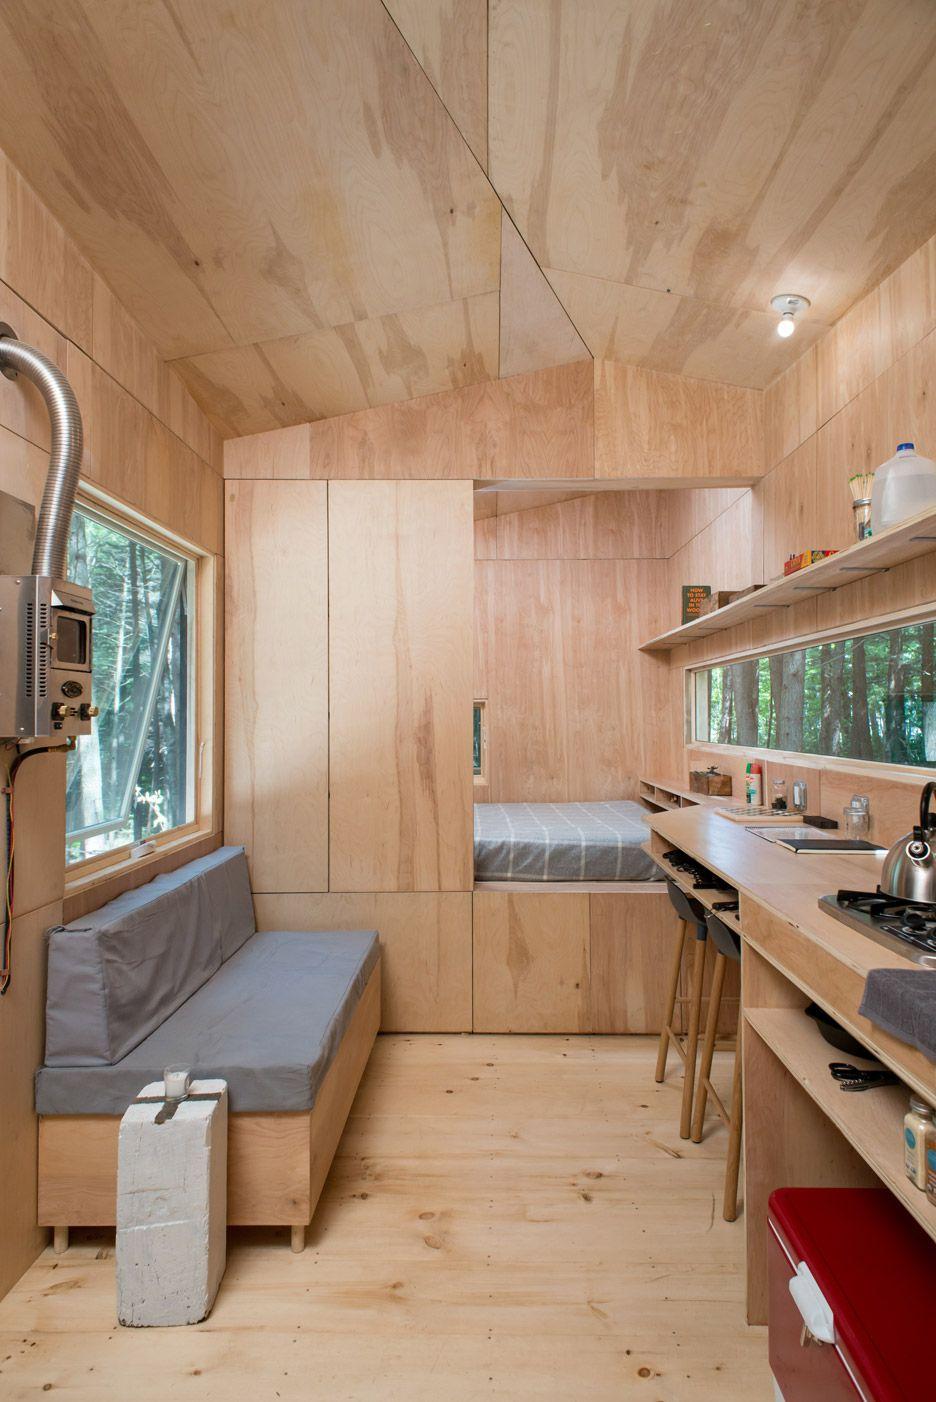 The Lorraine Cabin near Boston Tiny house living, Tiny